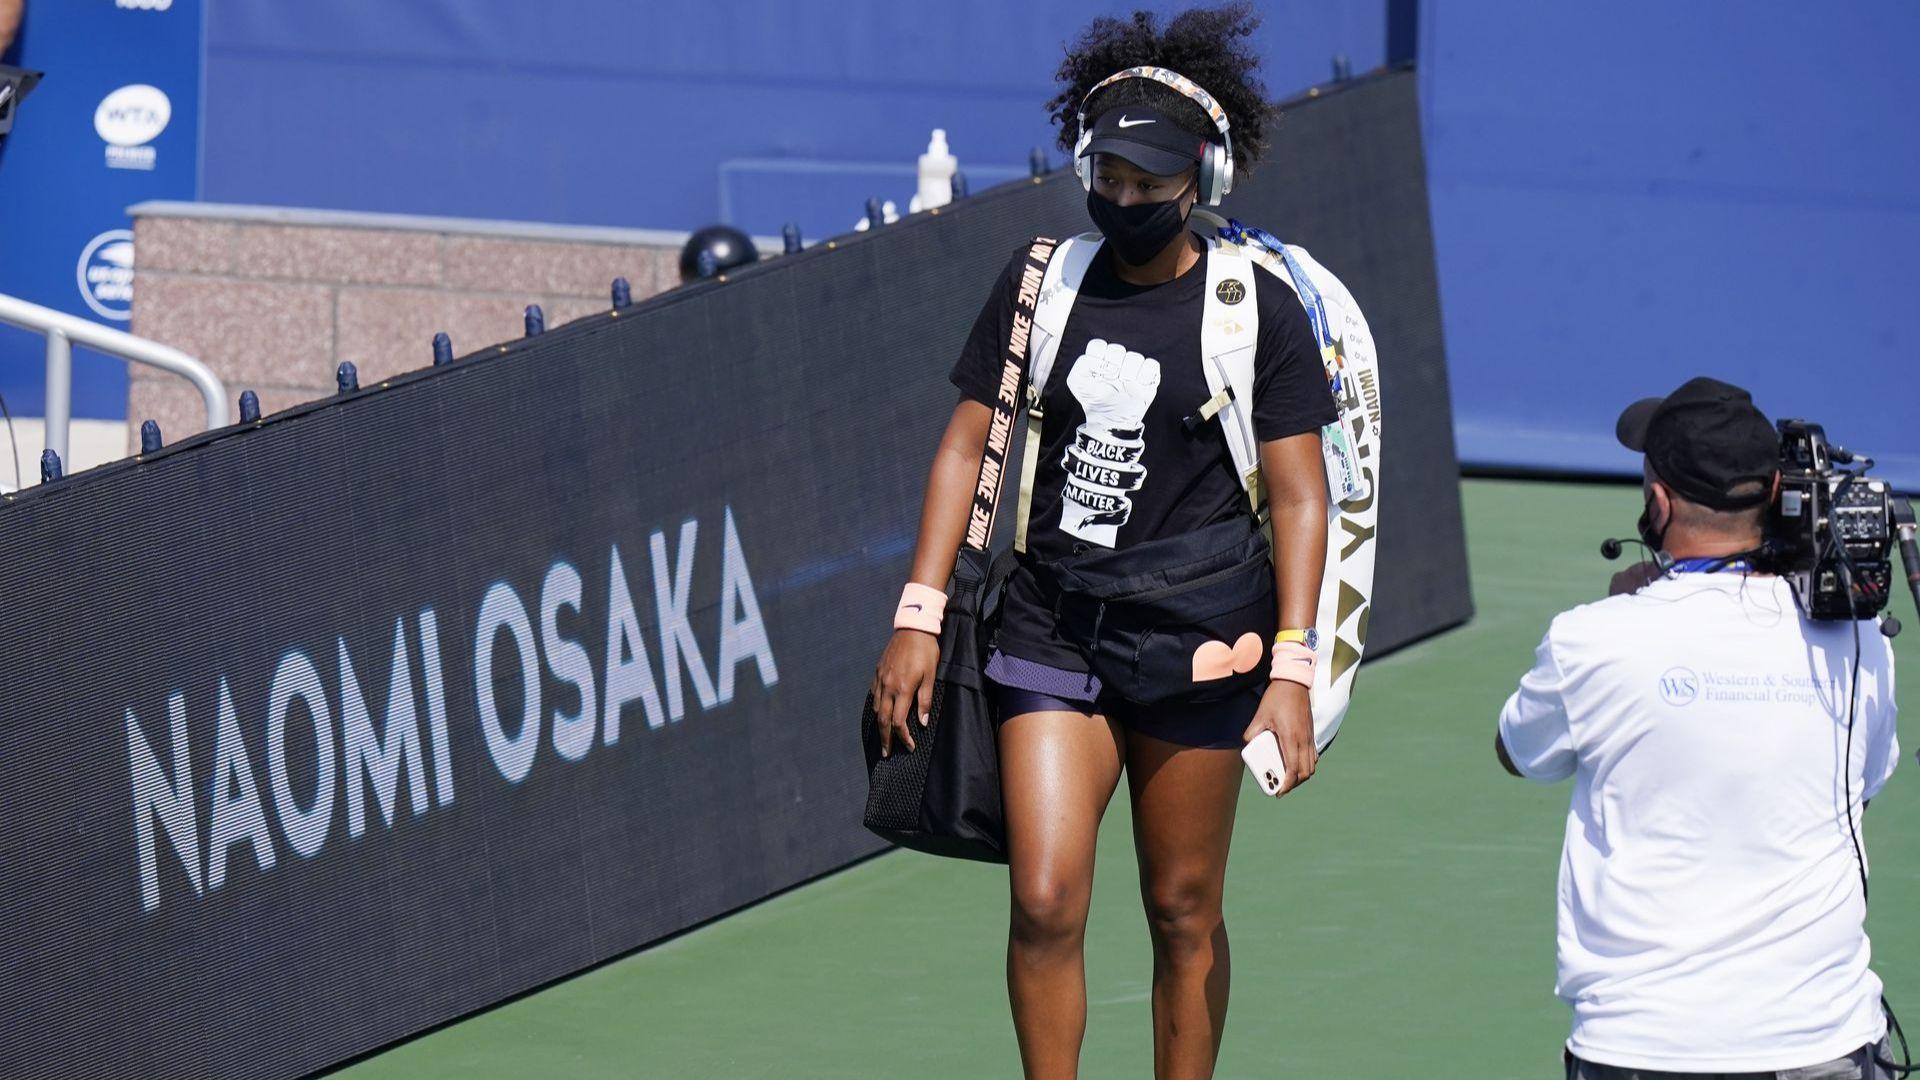 Седем маски със седем жертви на расизма - това е целта пред Осака в Ню Йорк